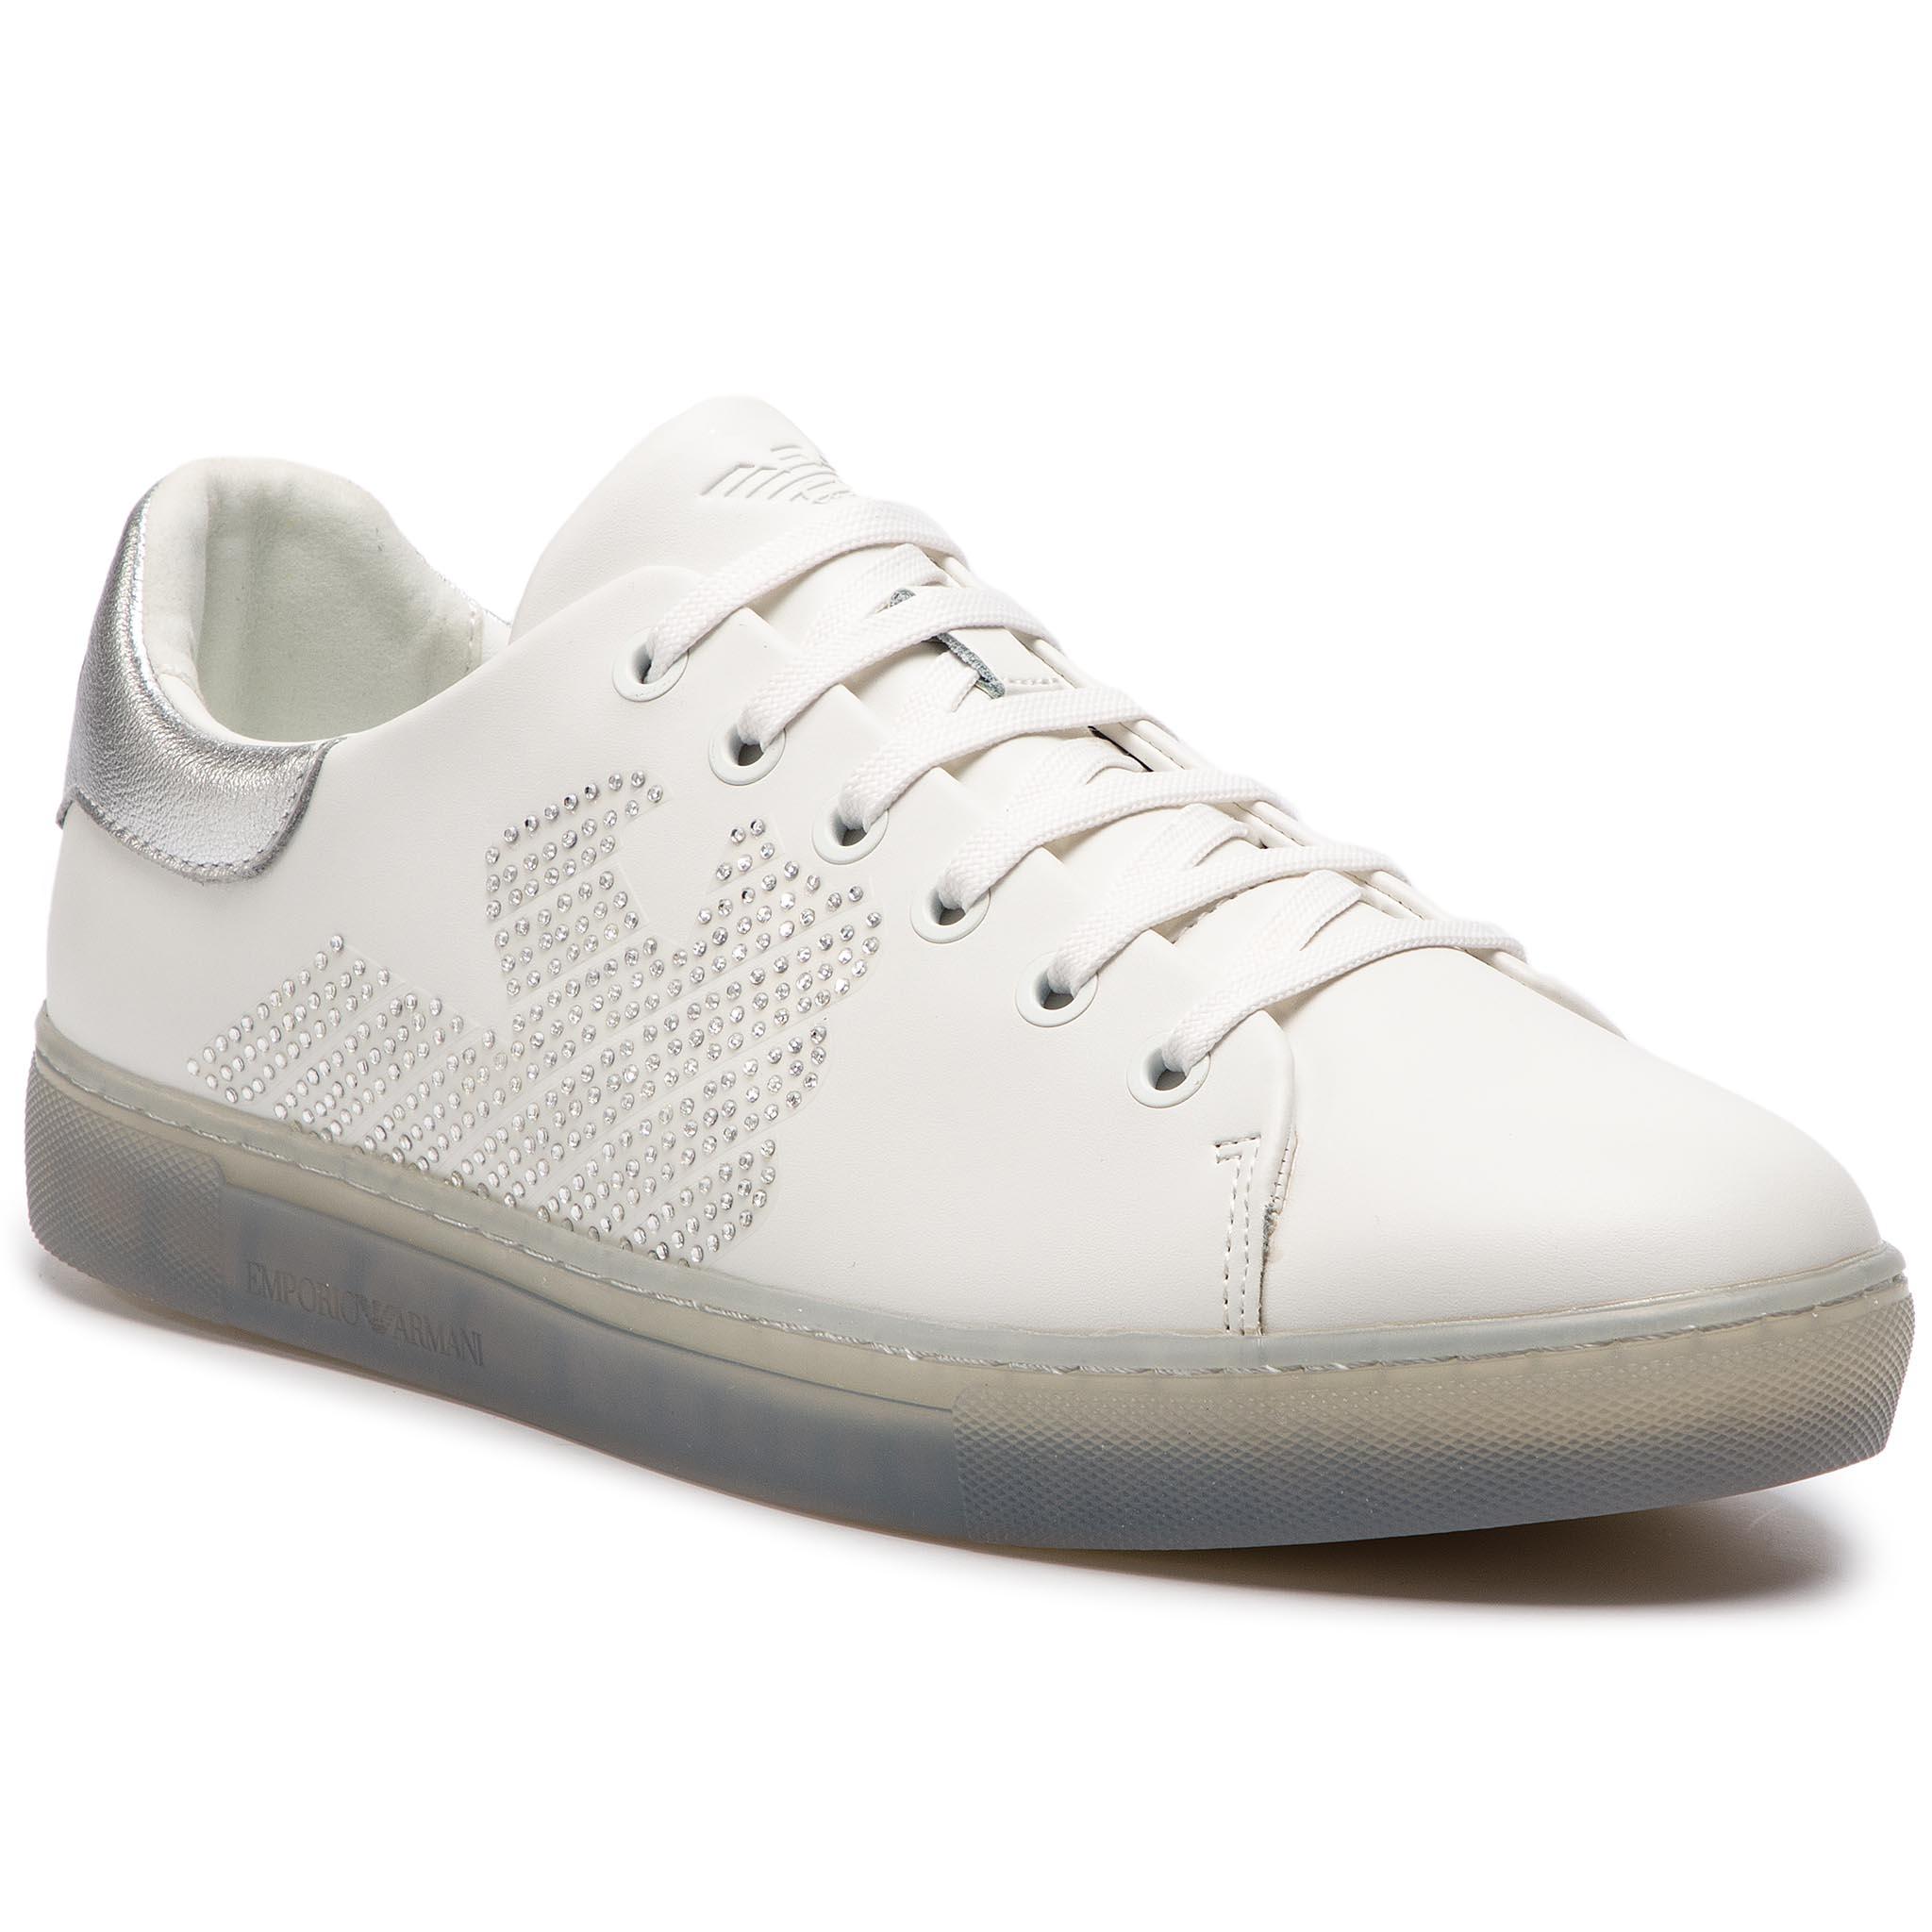 61c3075894 Αθλητικά EMPORIO ARMANI - X3X071 XL807 N627 White Silver - Glami.gr